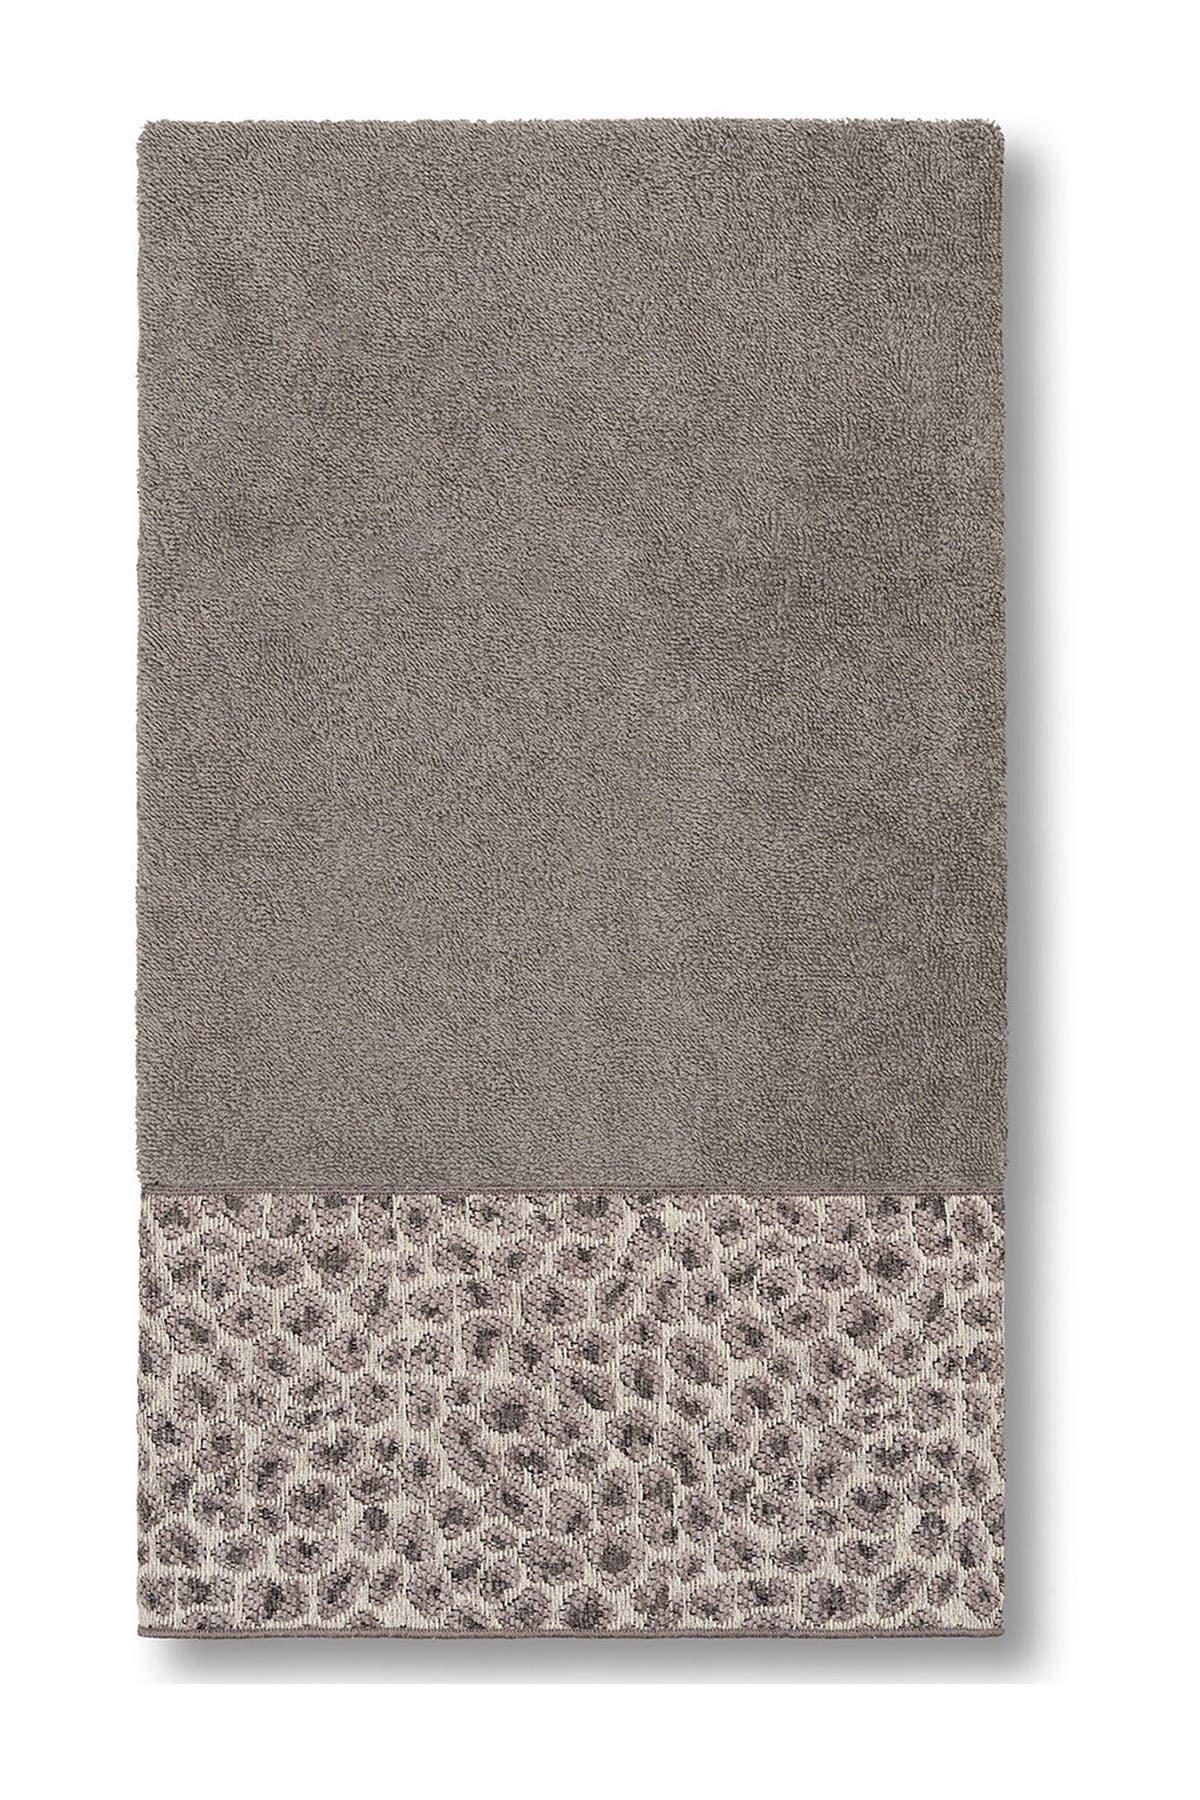 Image of LINUM HOME Spots Embellished Bath Towel - Dark Grey